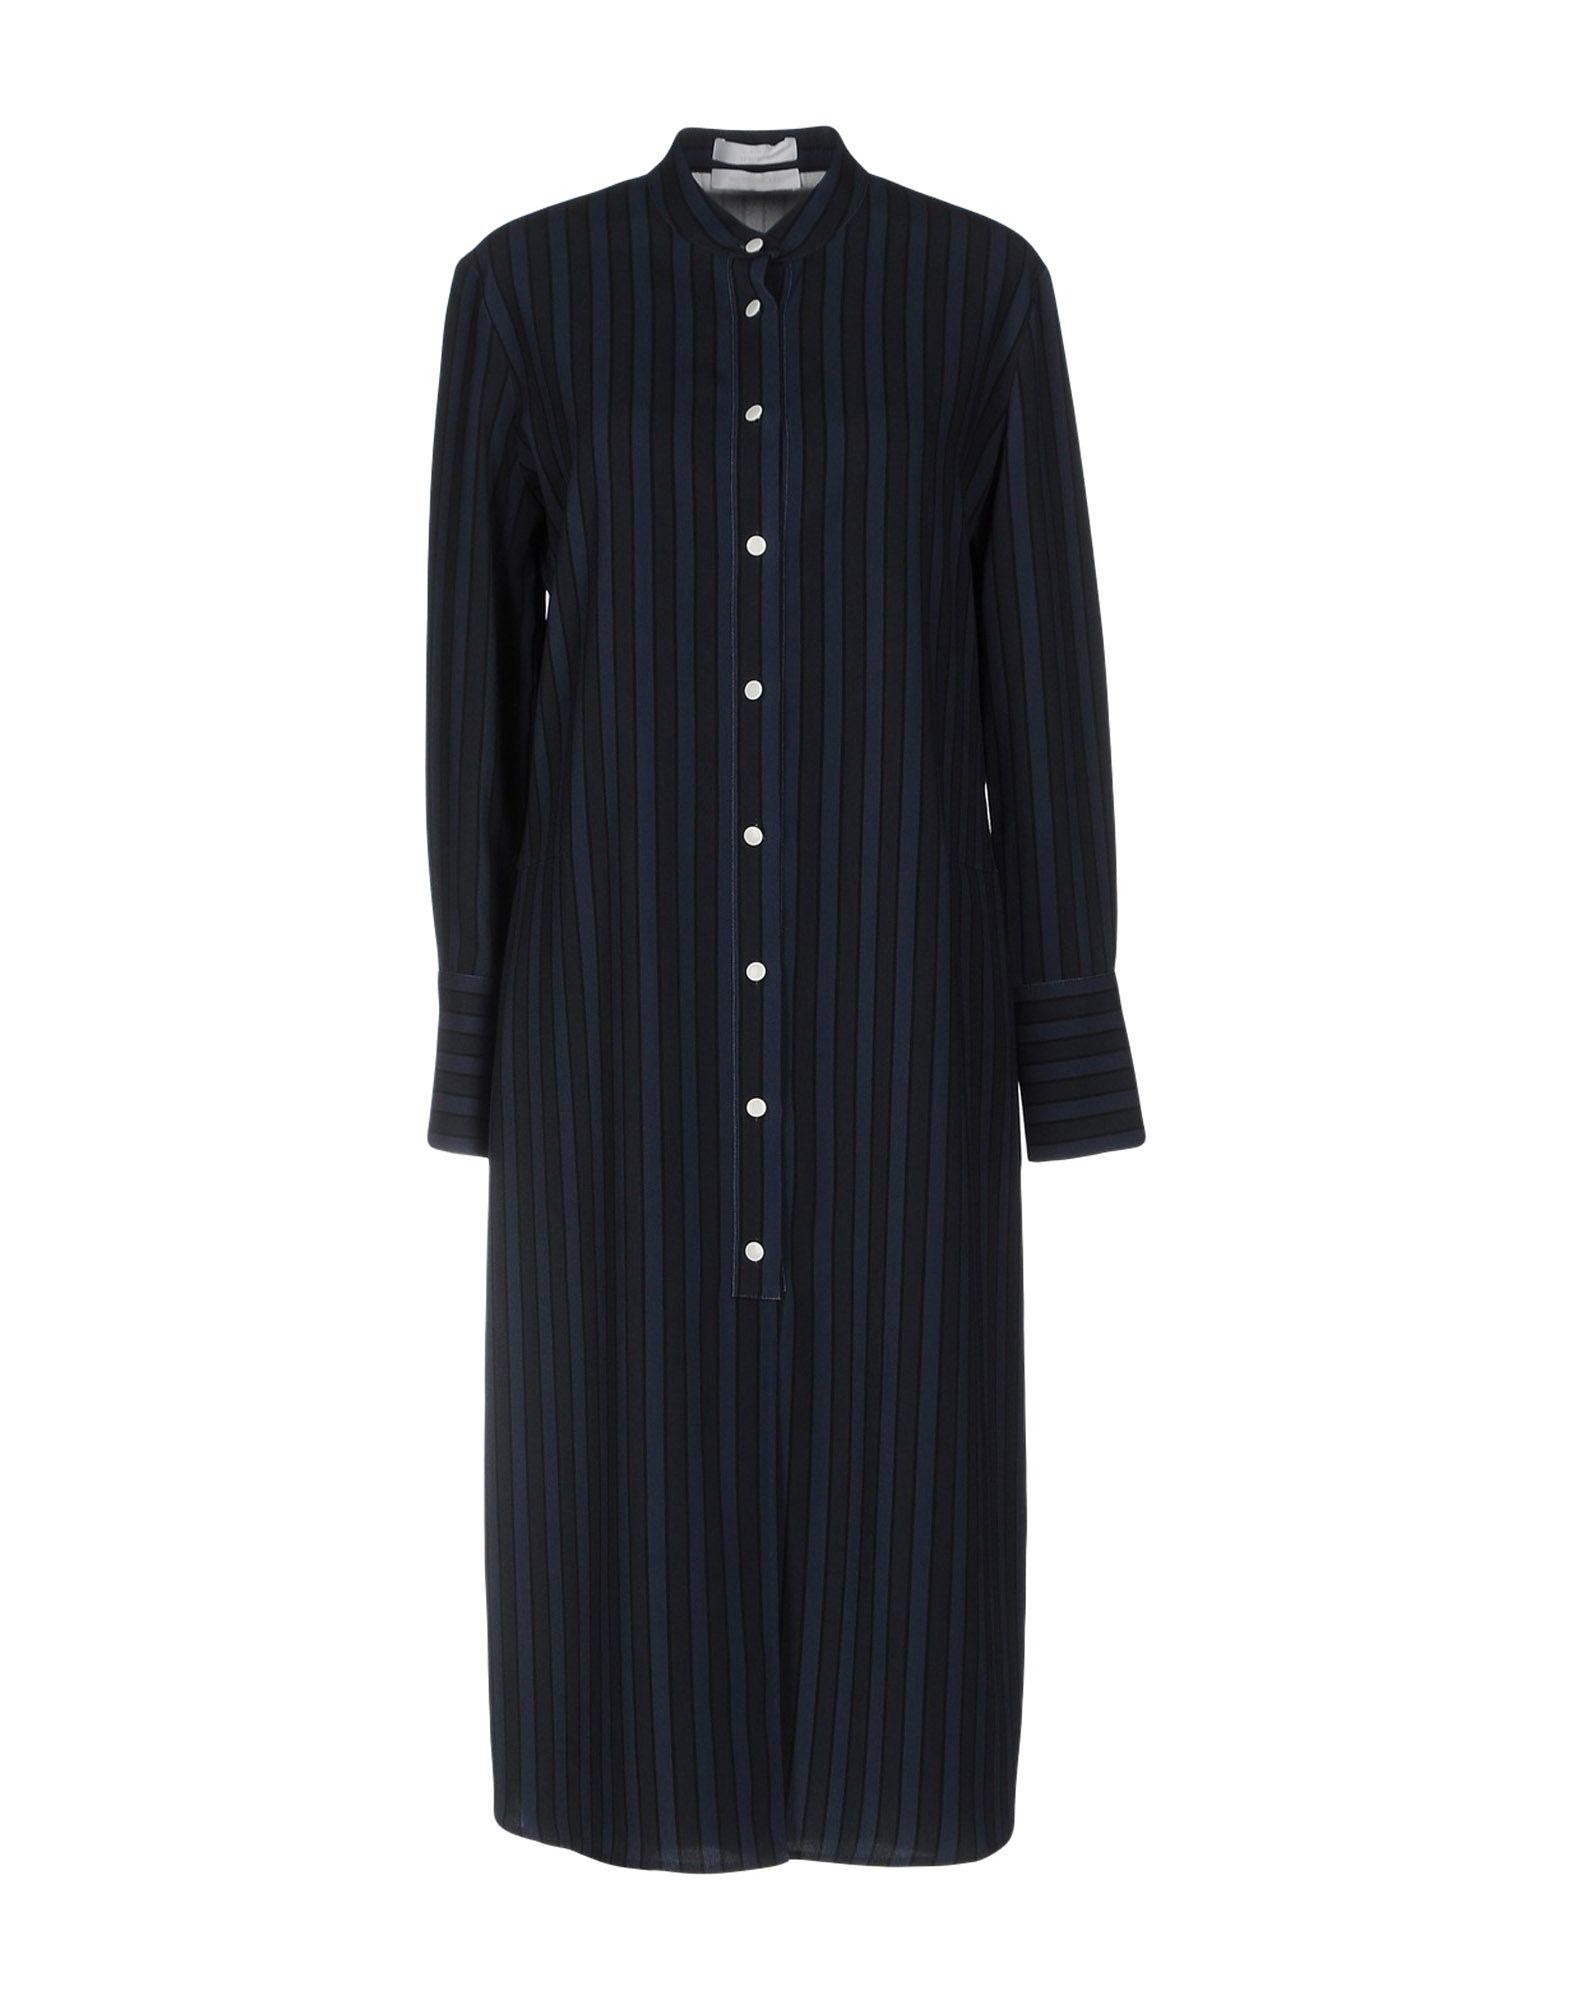 ATEA OCEANIE Knee-Length Dress in Dark Blue